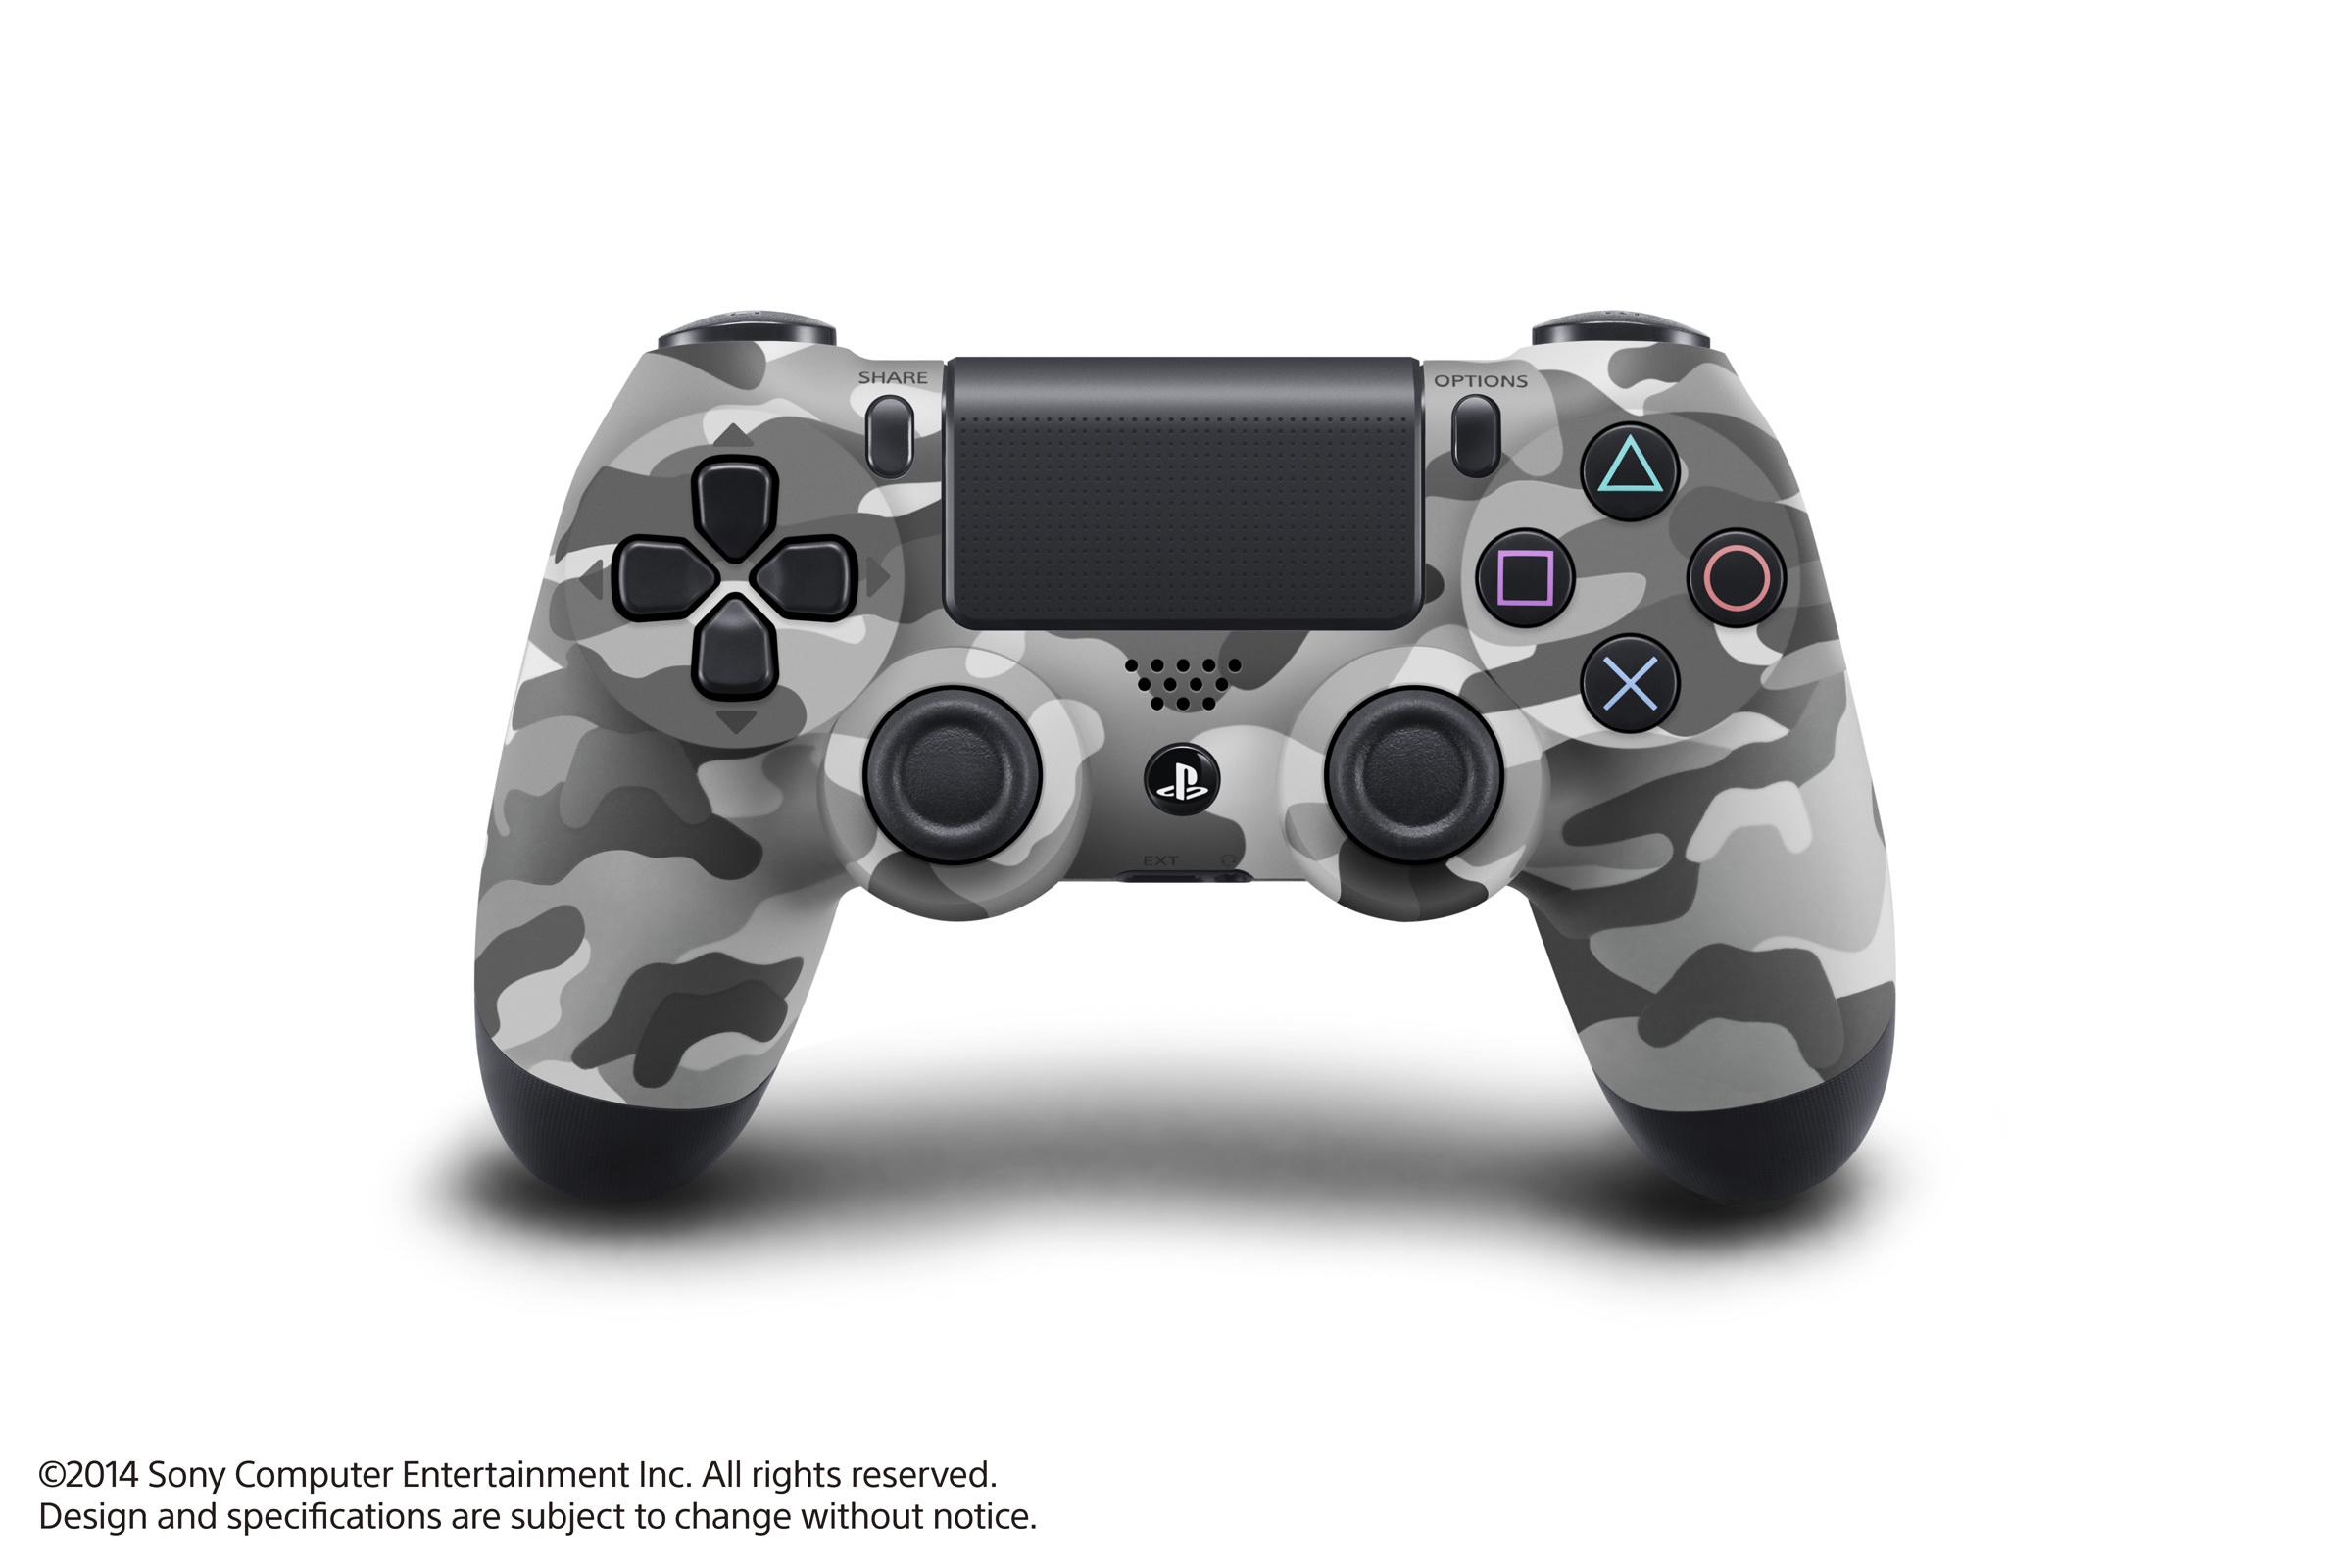 現貨供應中 一年保固  [PS4 周邊] PS4 控制器 迷彩灰